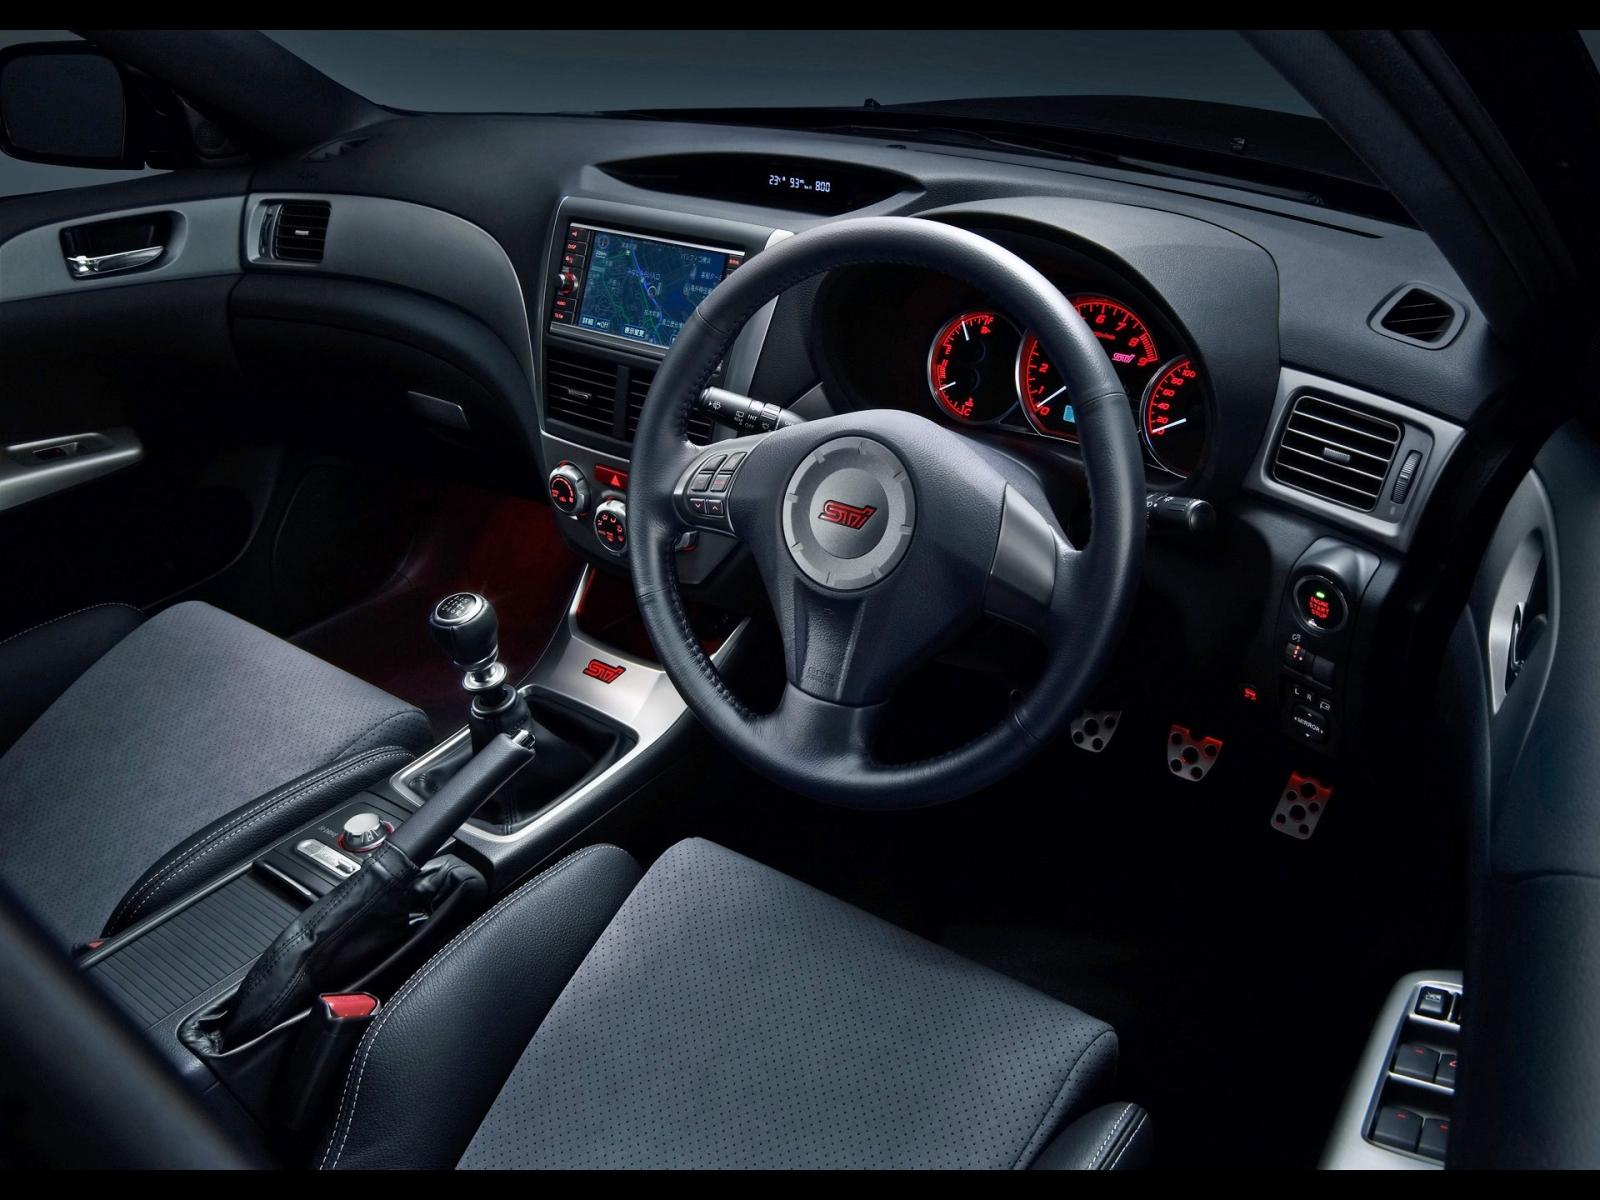 Subaru Impreza Wrx Sti 330s Auto Car Best Car News And